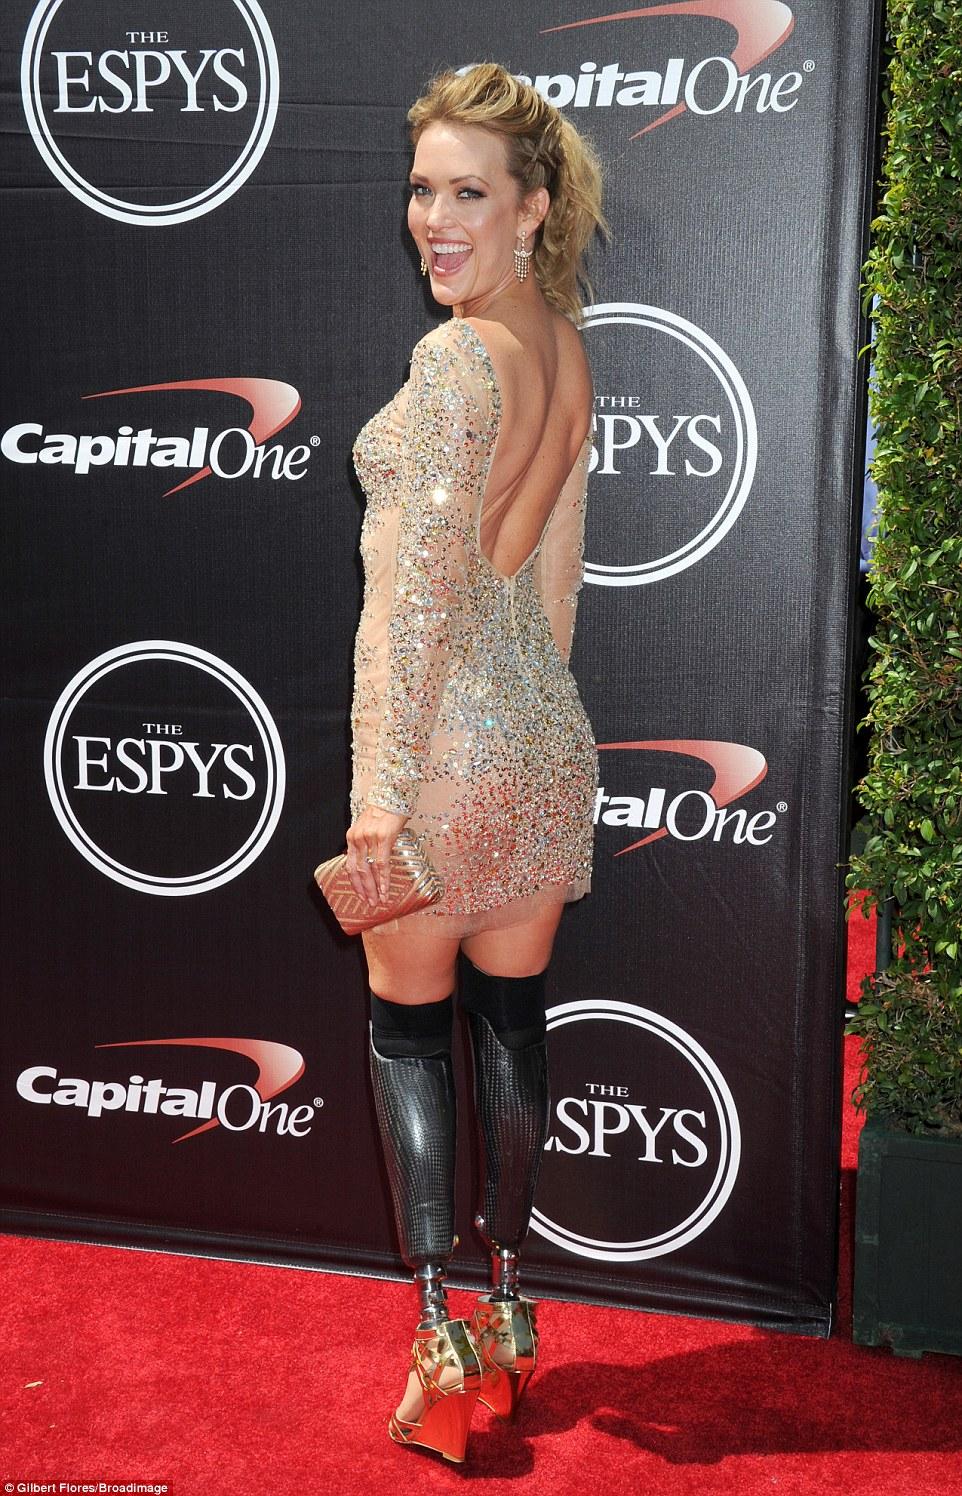 Impressionante: A estrela usava um par de sandálias de cunha de ouro com sua roupa